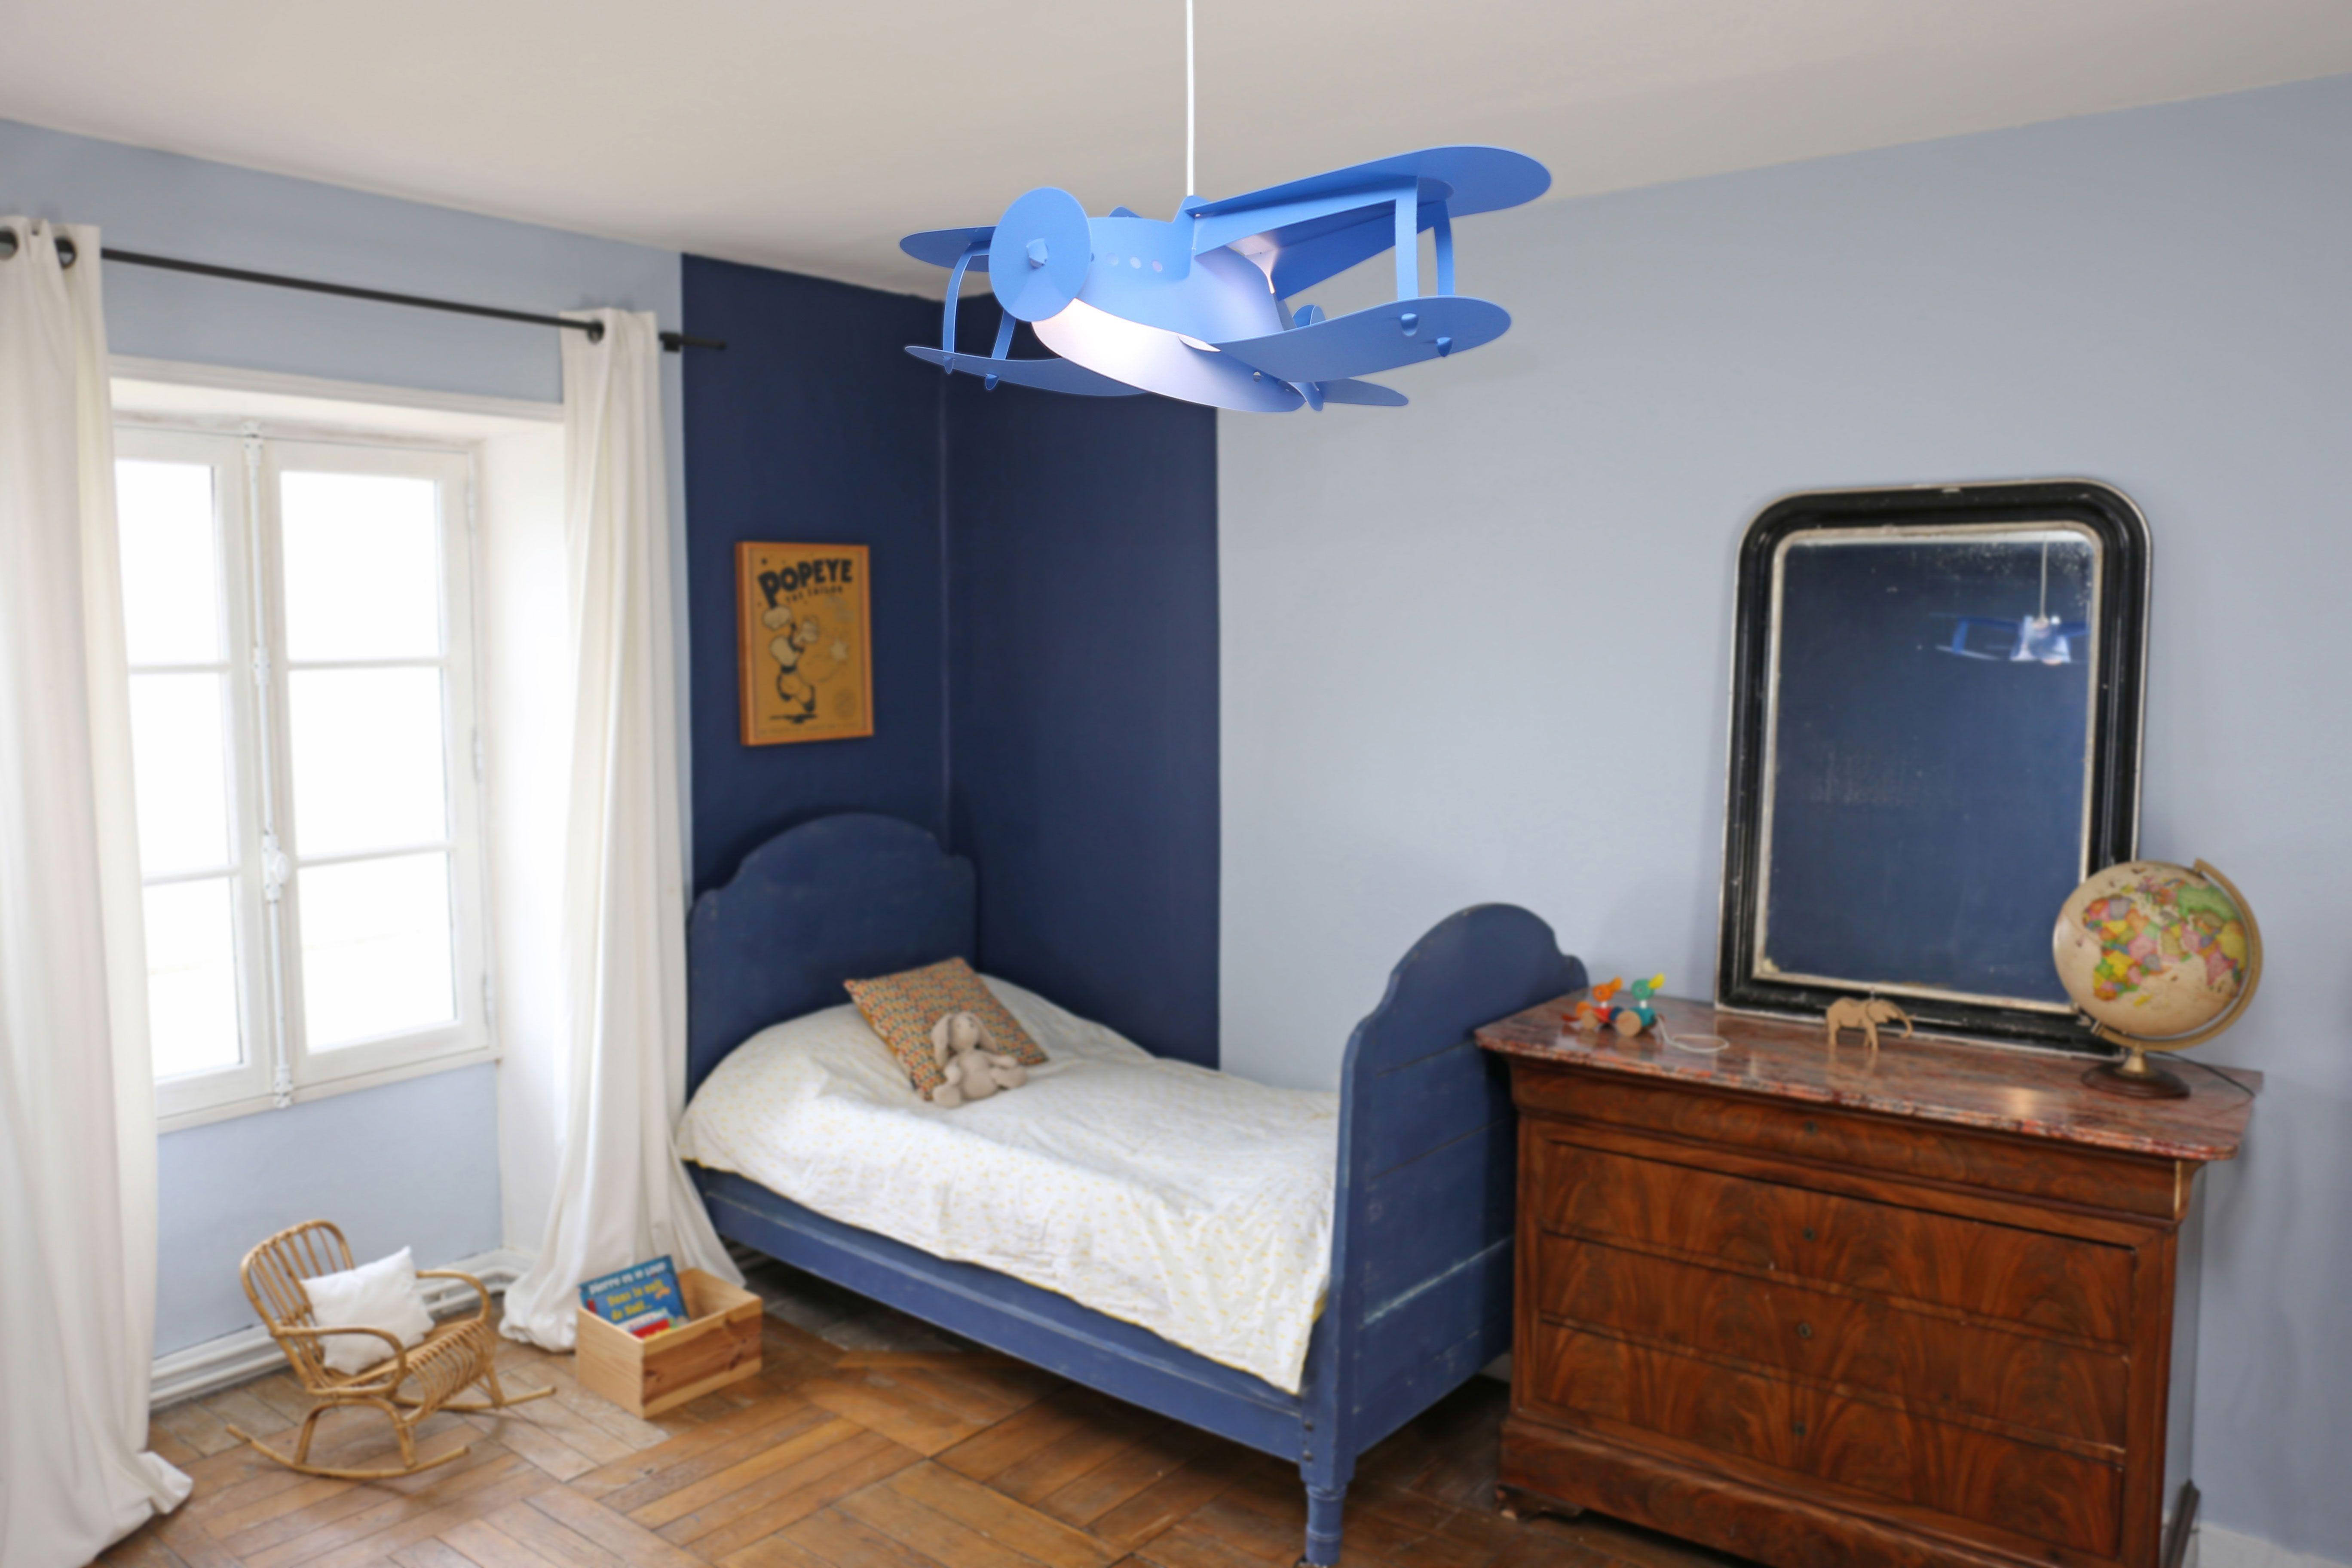 Lampe Suspension Enfant Avion Bleu Creation Francaise R M Coudert